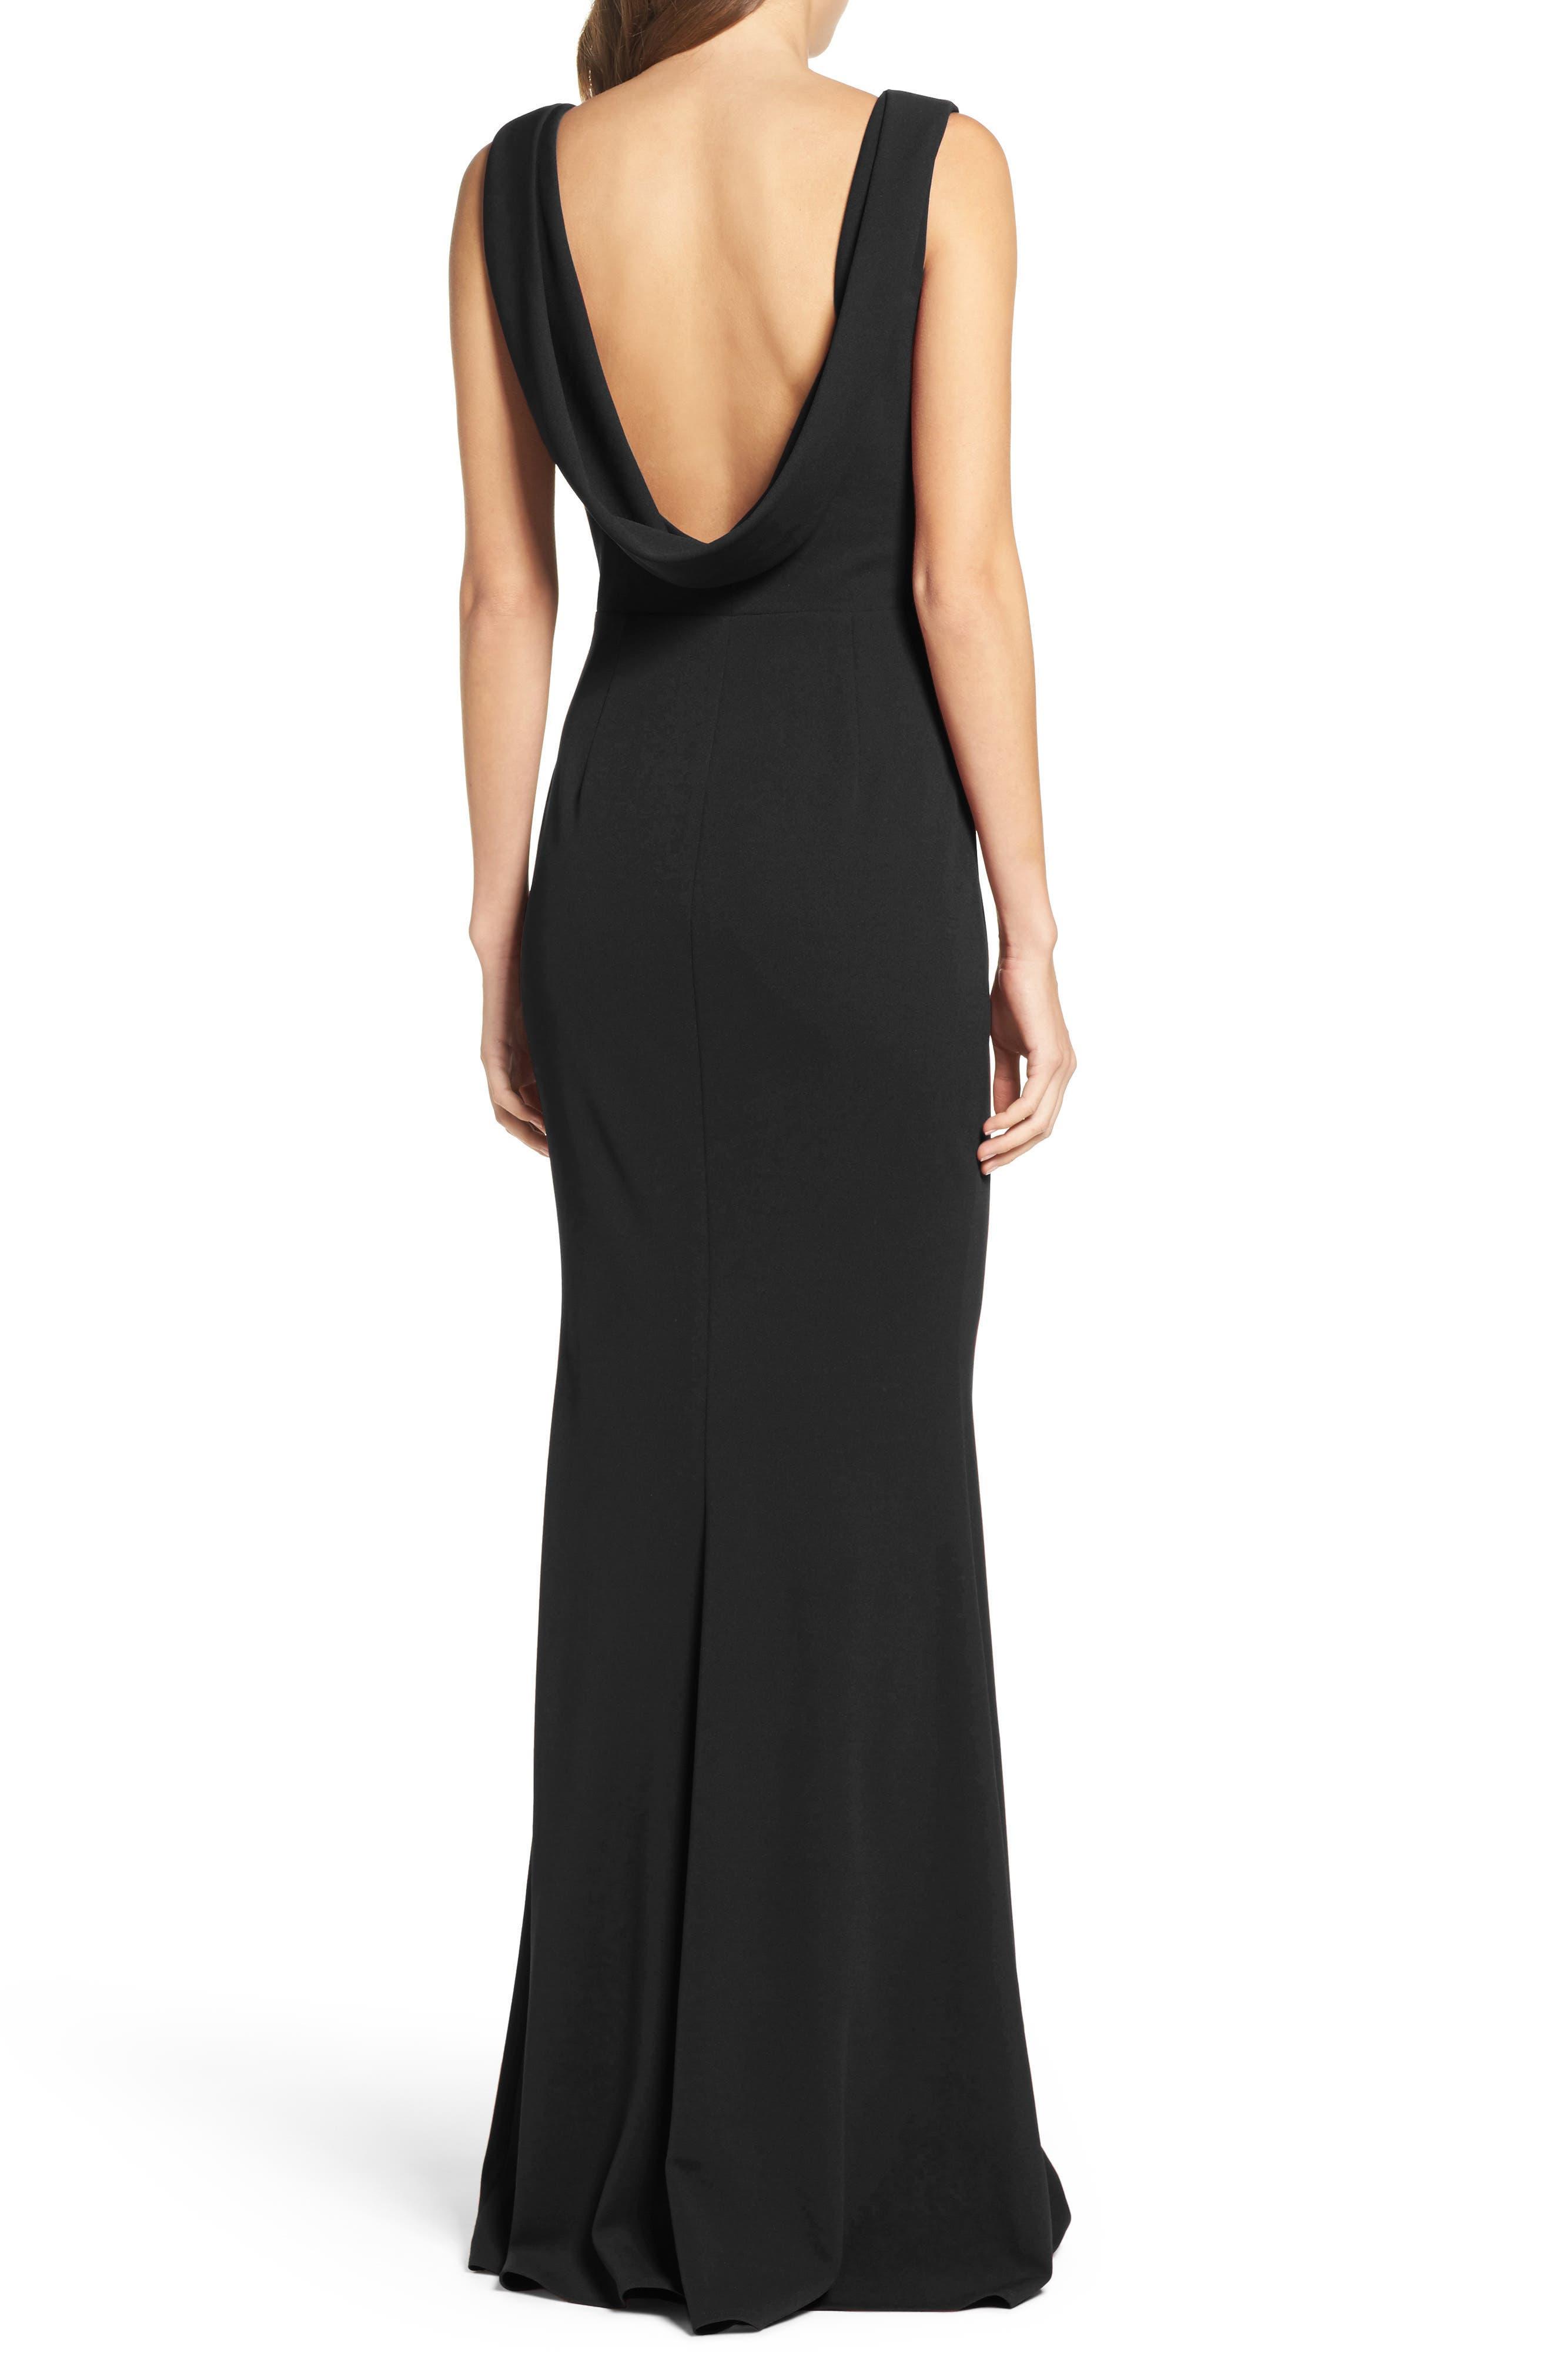 KATIE MAY, Vionnet Drape Back Crepe Gown, Alternate thumbnail 2, color, BLACK